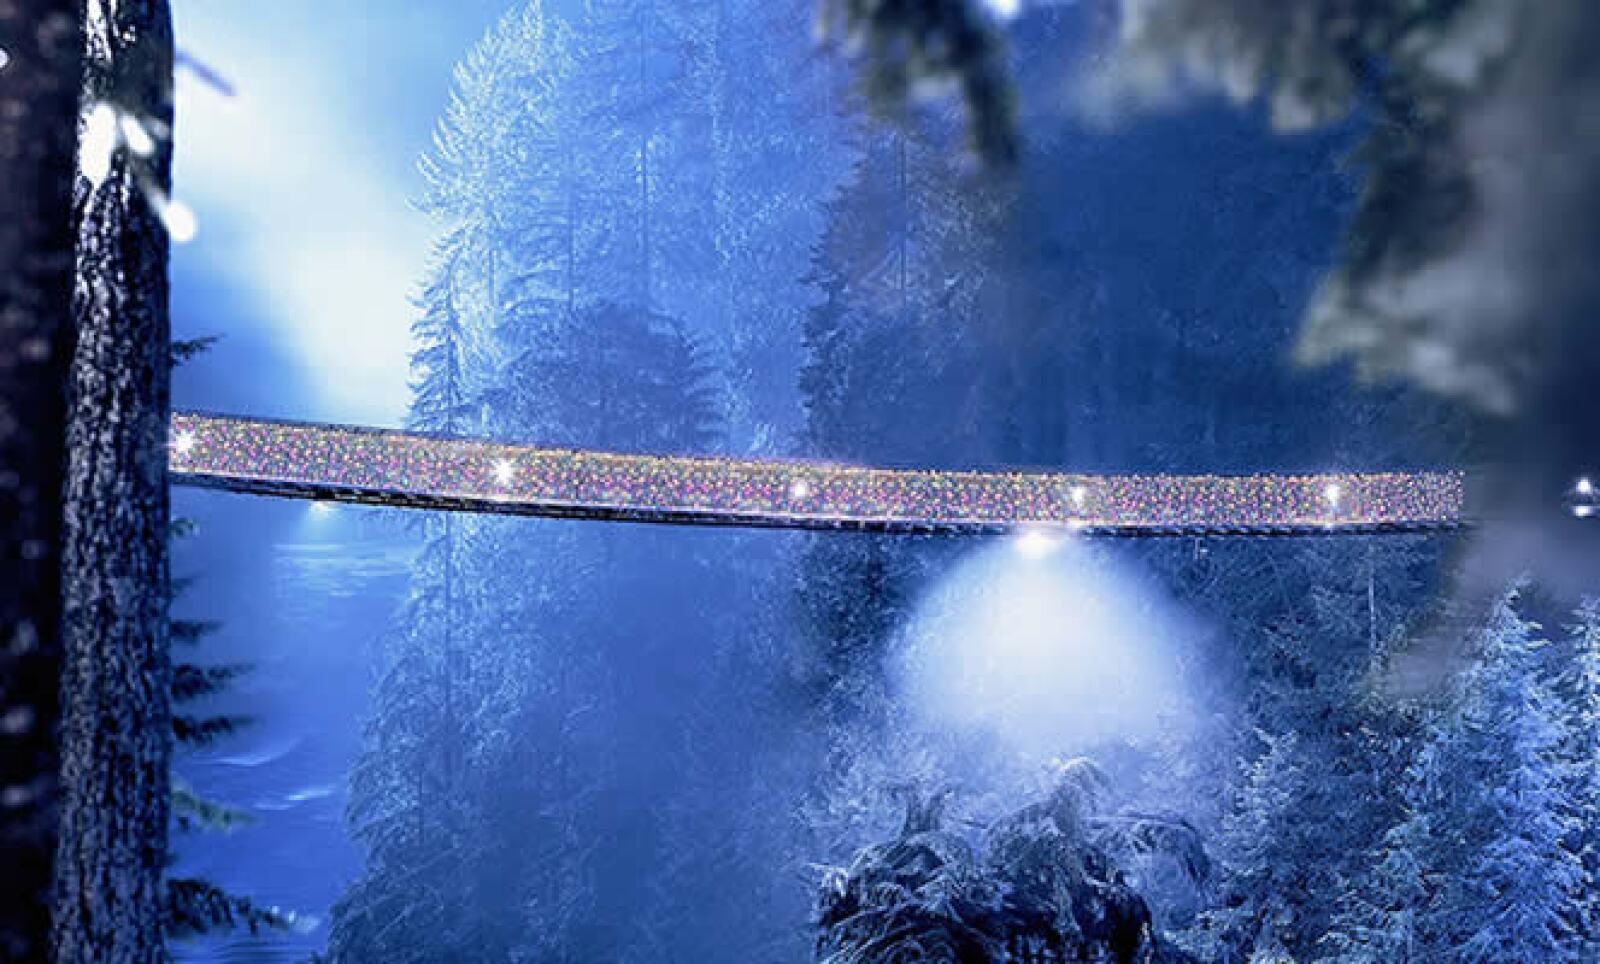 Inicia tu visita con un recorrido sobre este puente que tiene 136 metros de longitud y cruza el río Capilano. Es visitado anualmente por más de 800,000 personas y, sí tienes suerte, podrás observar la filmación de alguna serie de televisión local, como Ps